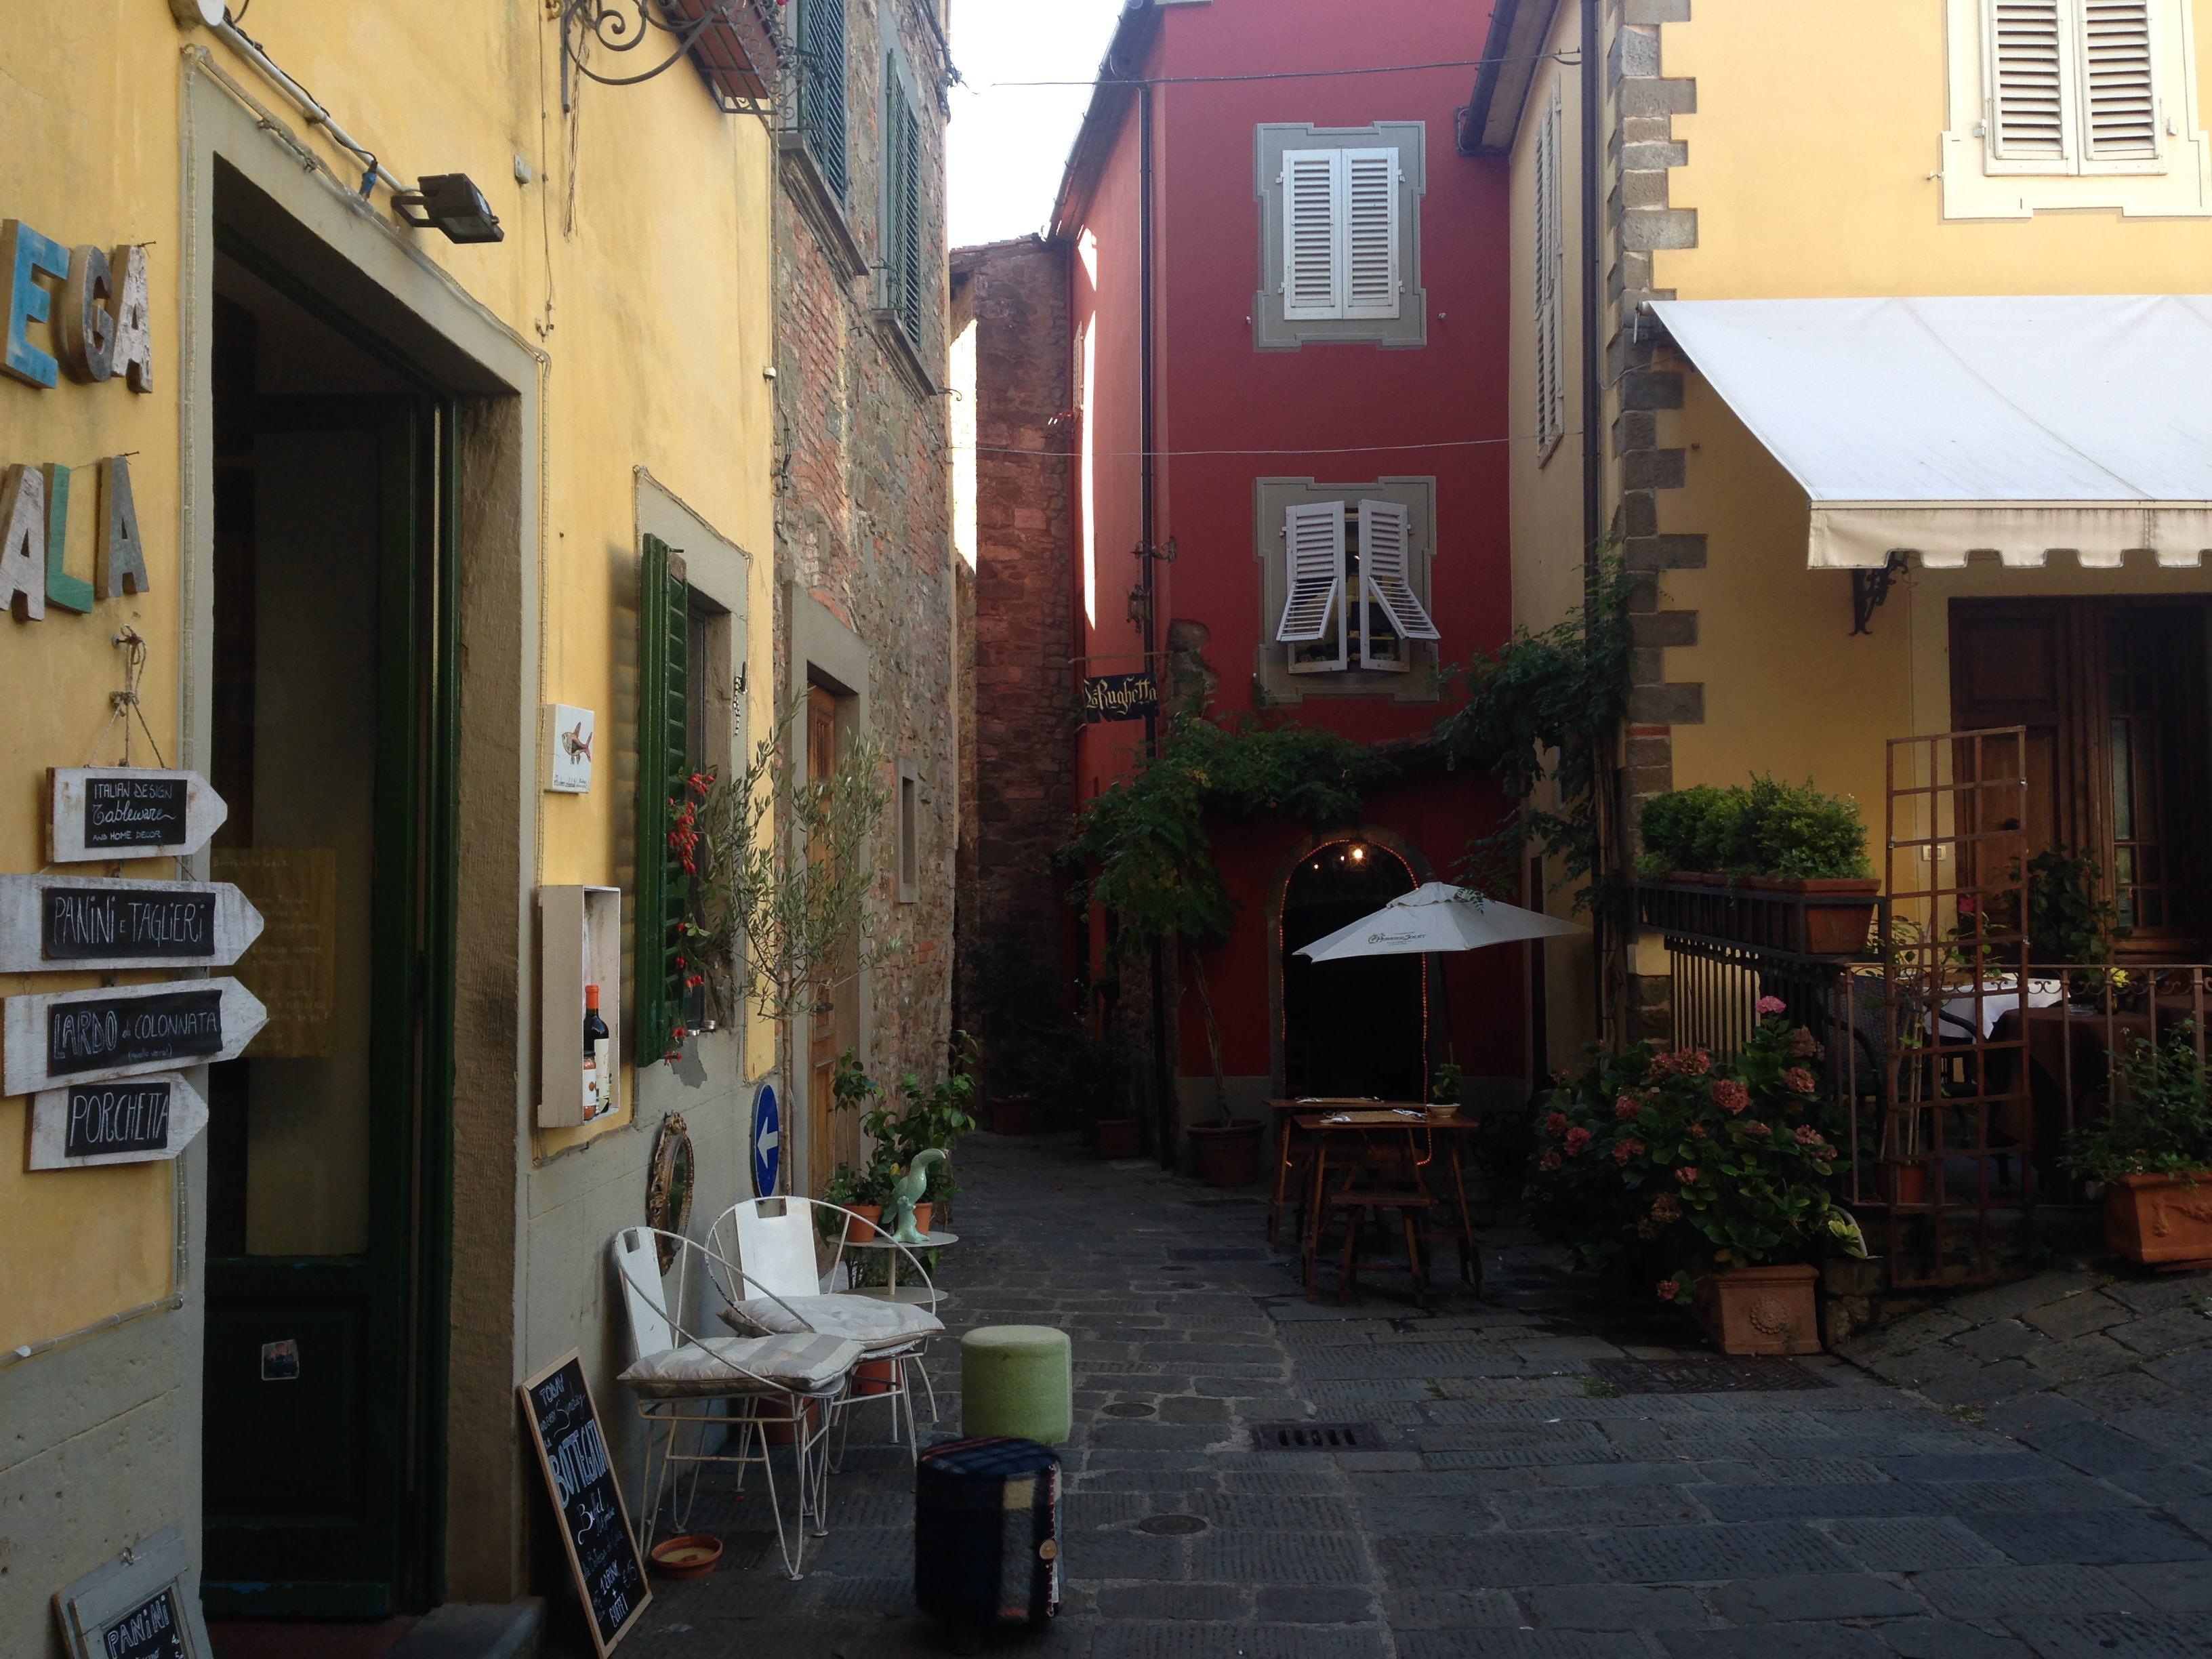 gita express a montecatini alto firenze formato famiglia On ristoranti montecatini alto